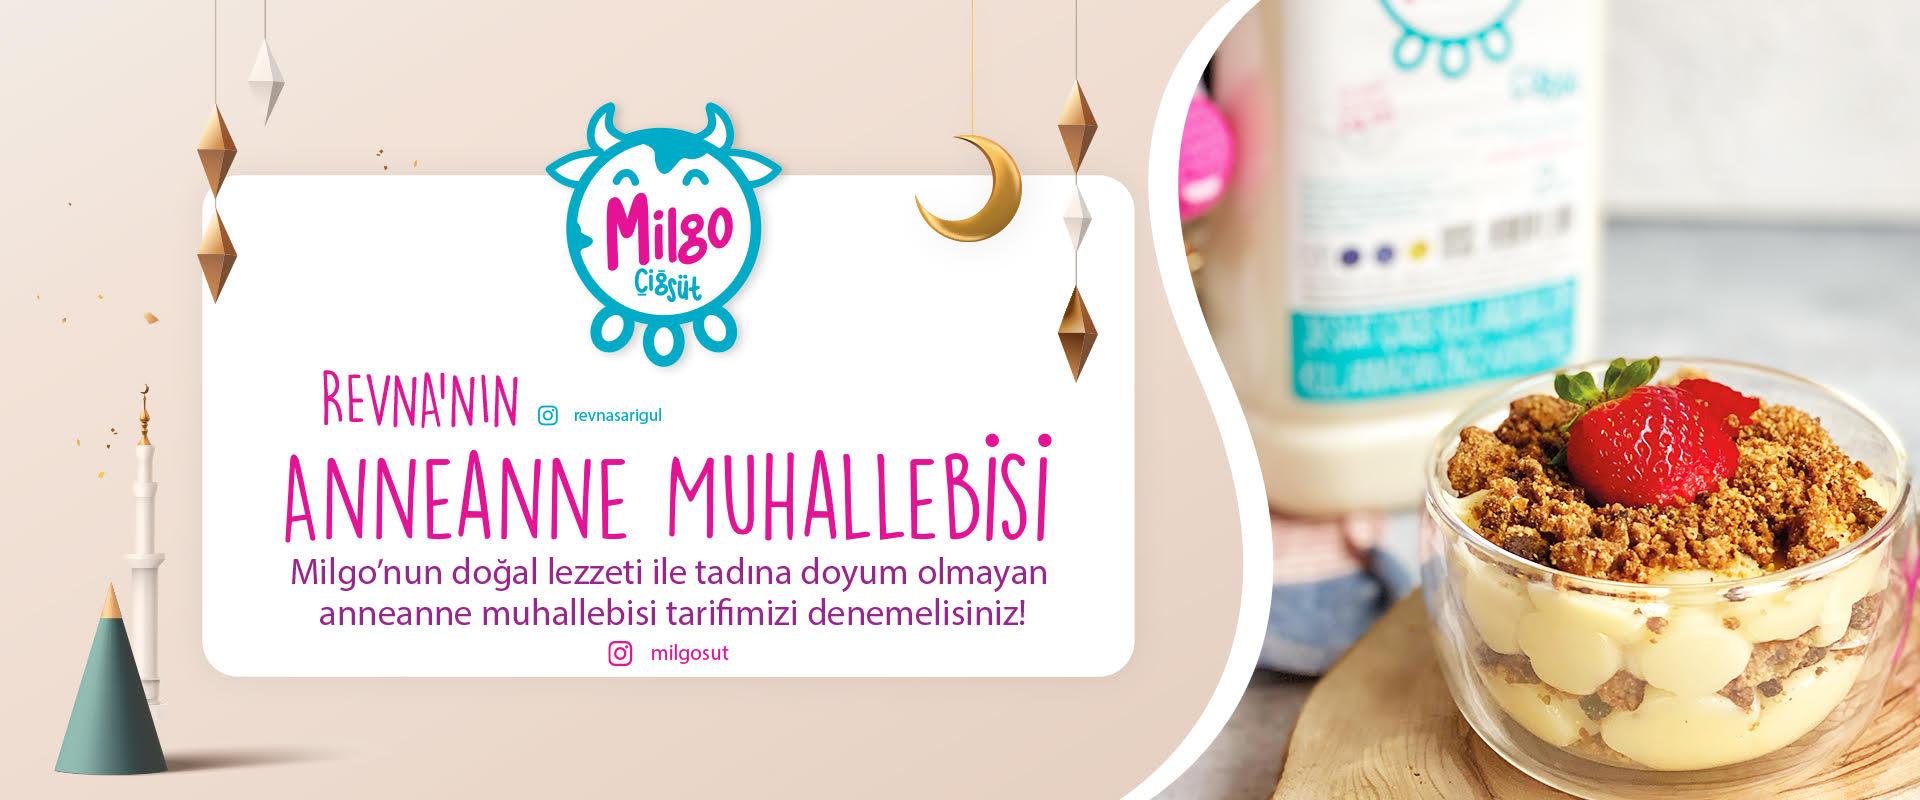 Anneanne-Muhallebisi